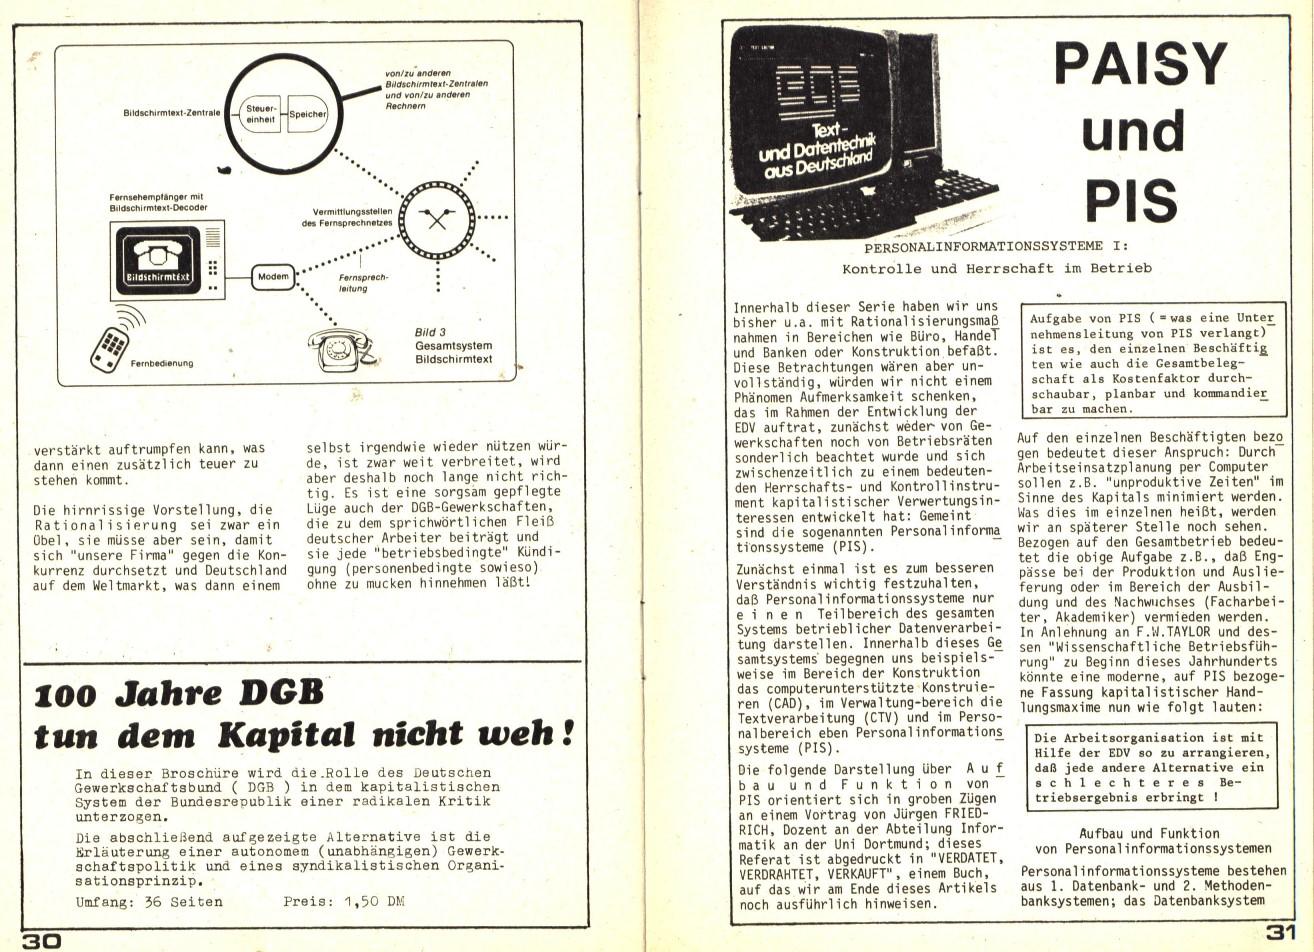 FAU_1990_Die_Roboter_kommen_17